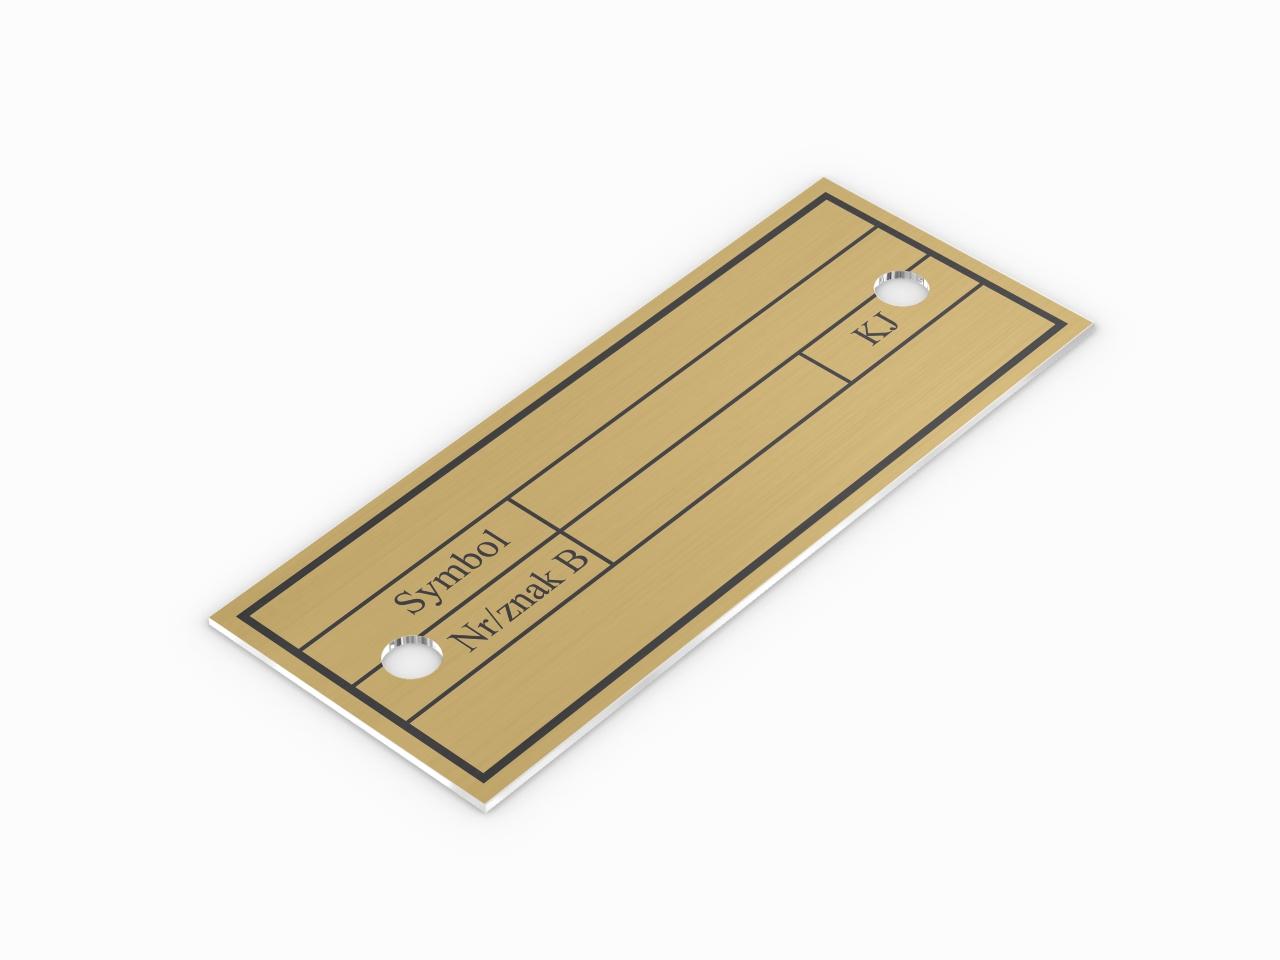 Inwentaryzacyjna identyfikacyjna tabliczka aluminiowa w kolorze złotym do samodzielnego wybicia numerów